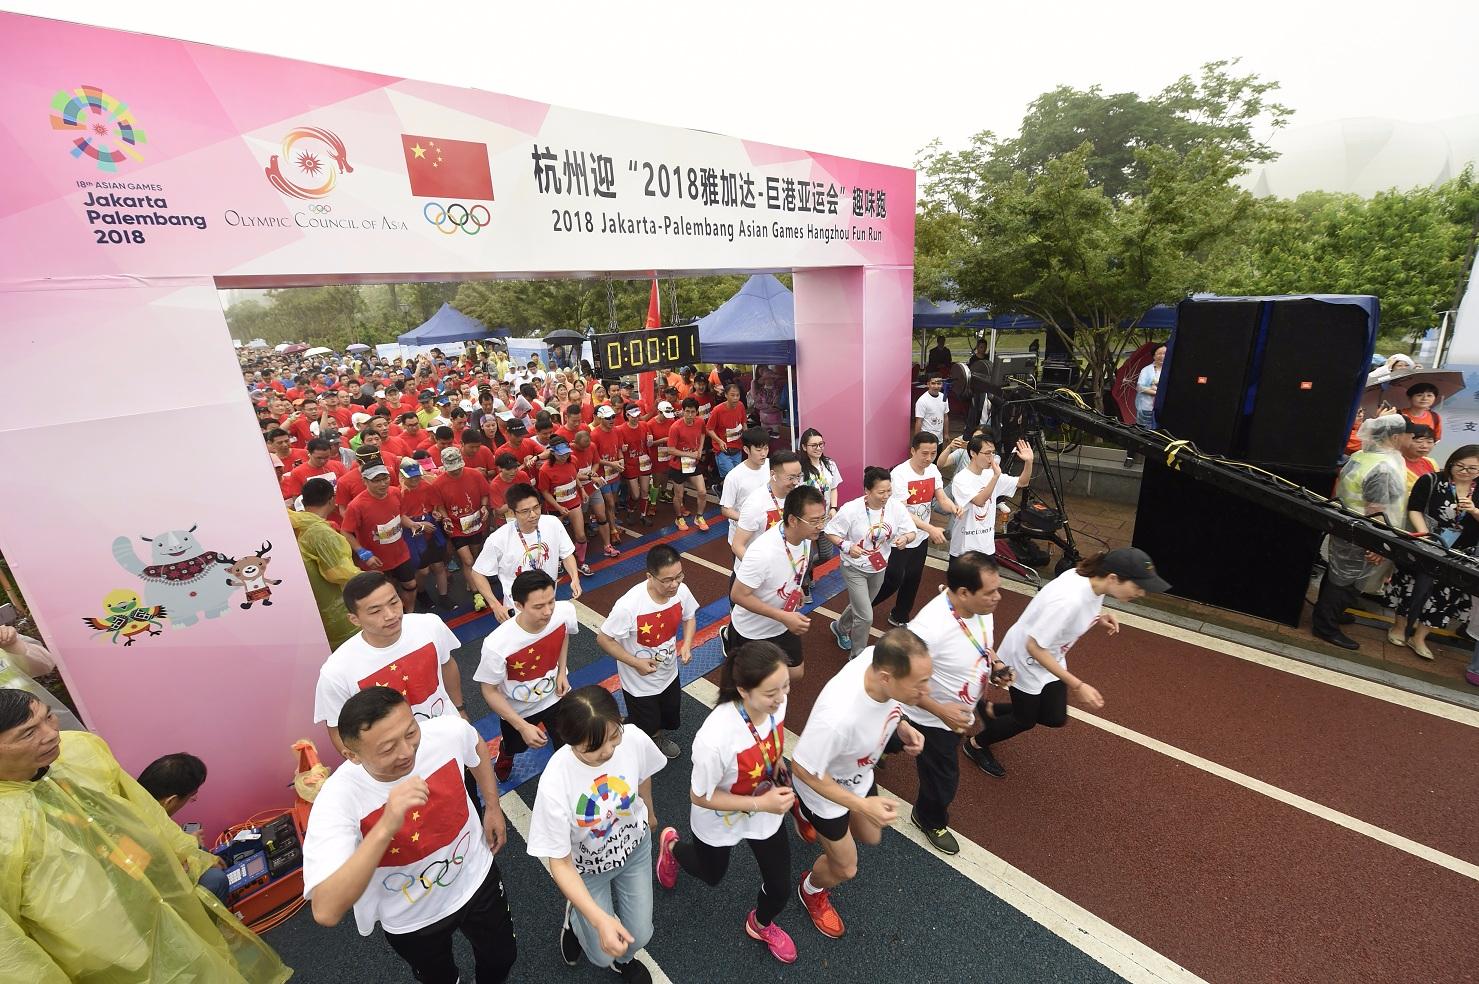 """杭州迎""""2018雅加达—巨港亚运会"""" 趣味跑活动欢乐举行"""